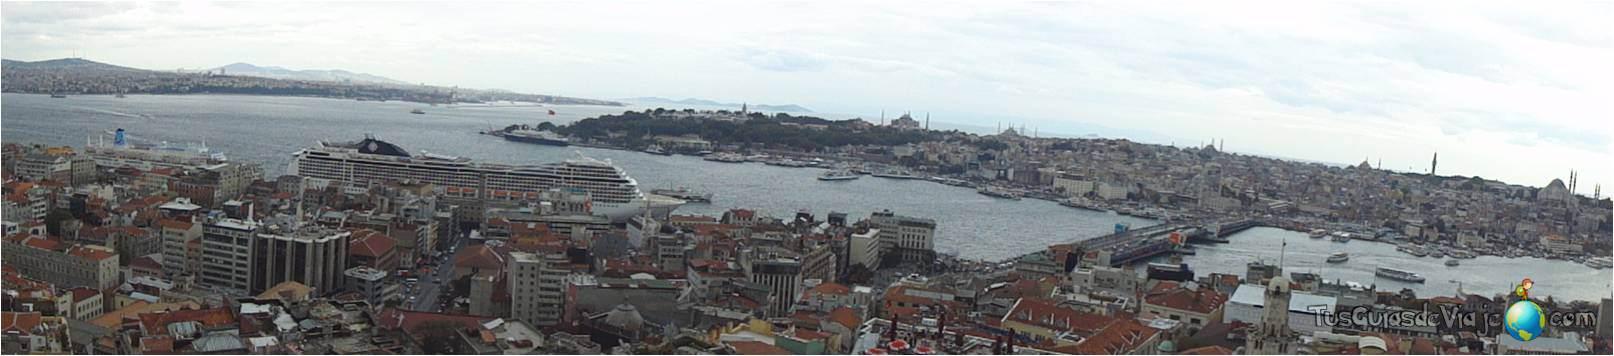 Vistas preciosas de Estambul desde la Torre Galata